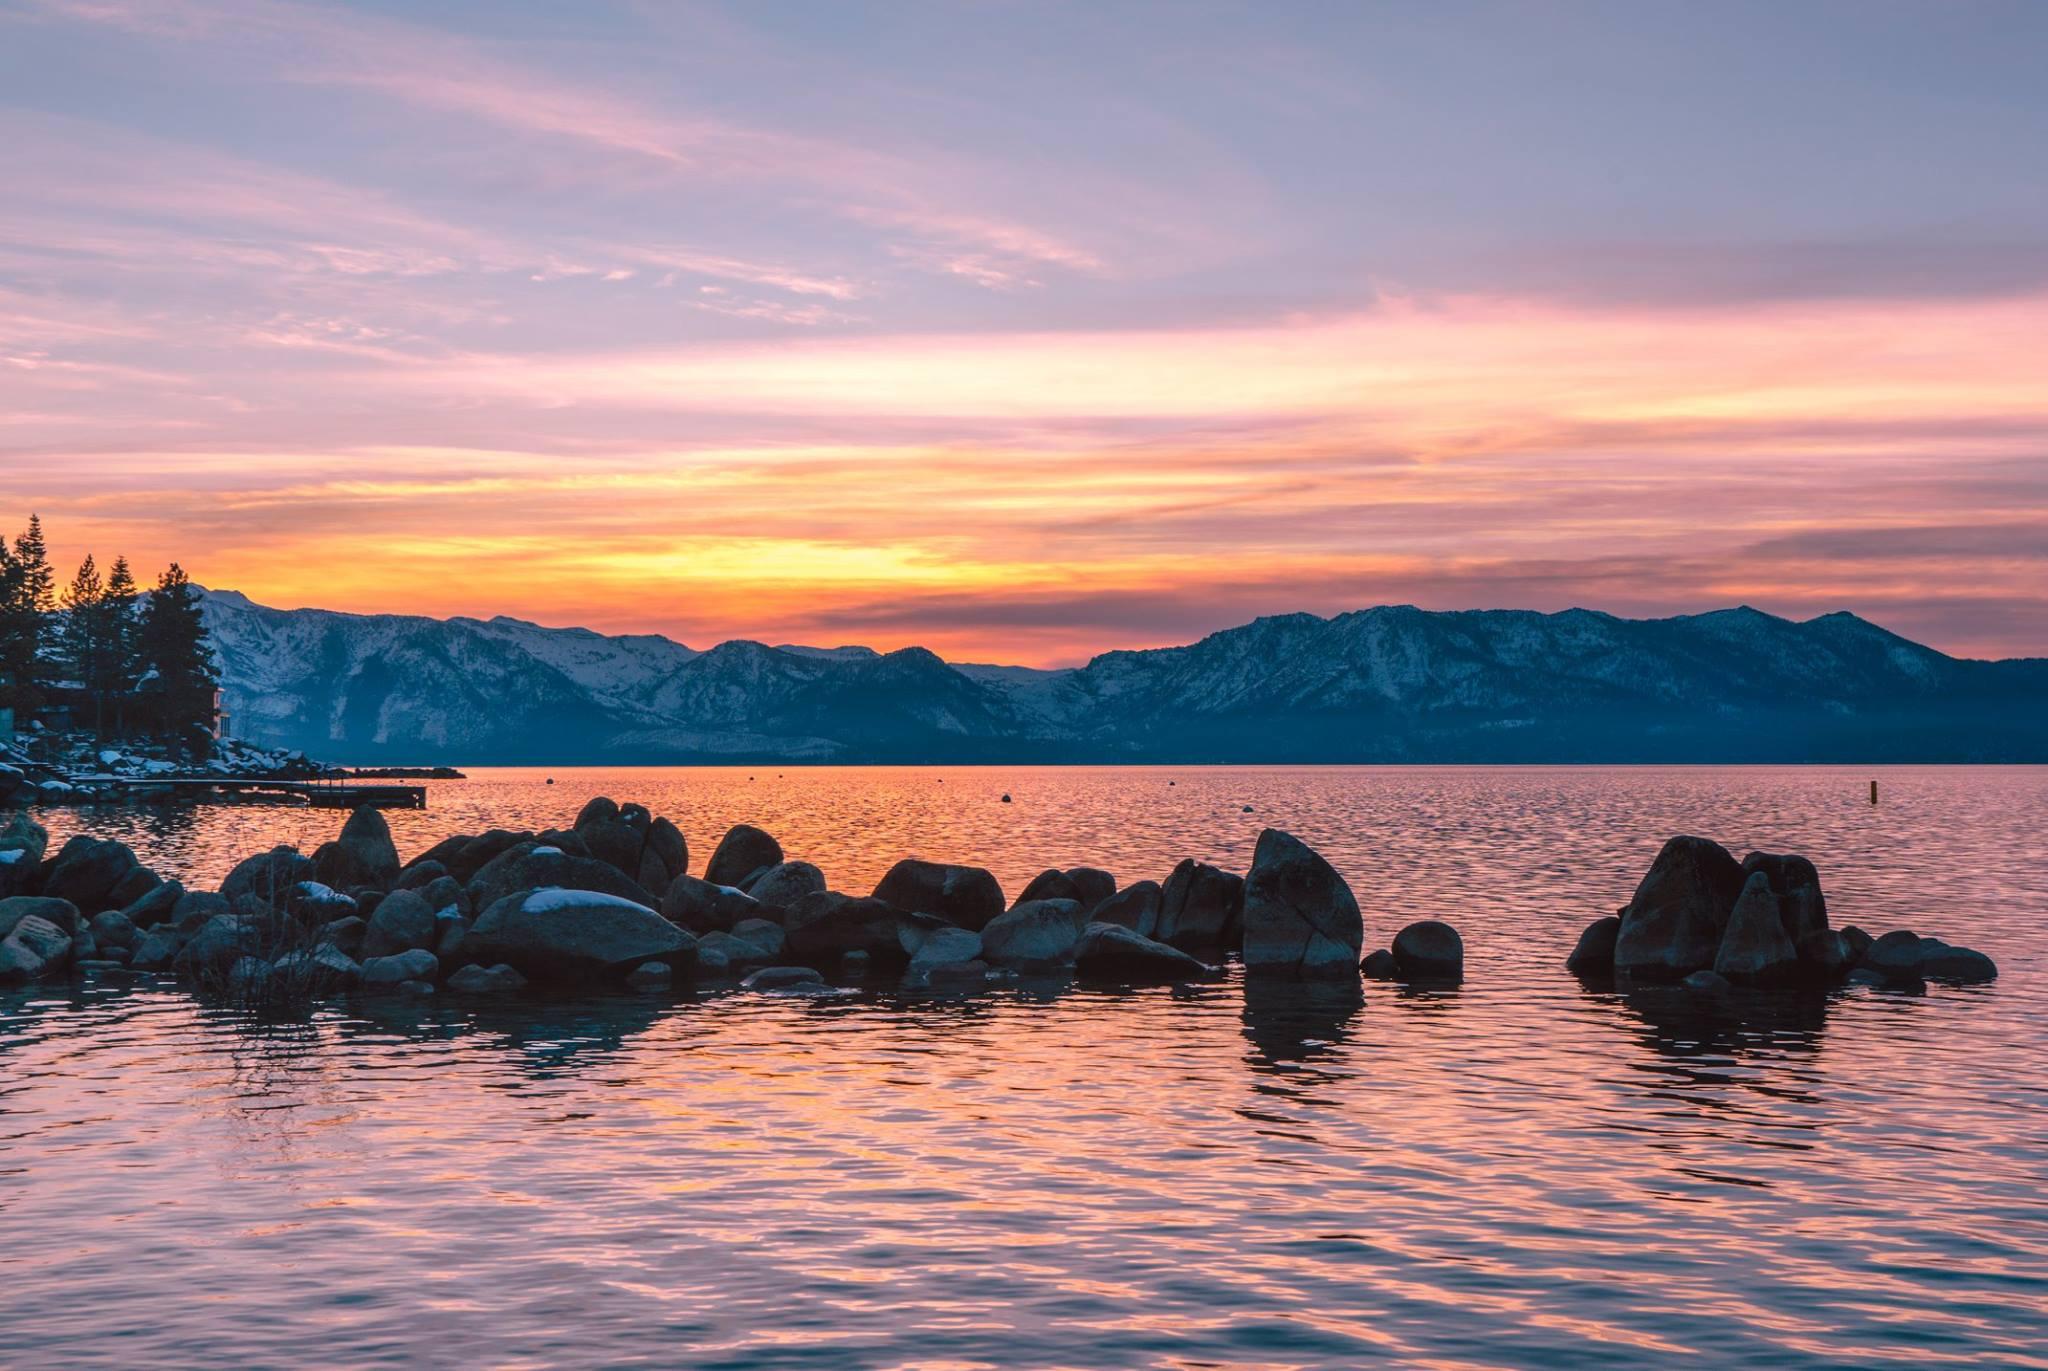 SnowGlobe South Lake Tahoe